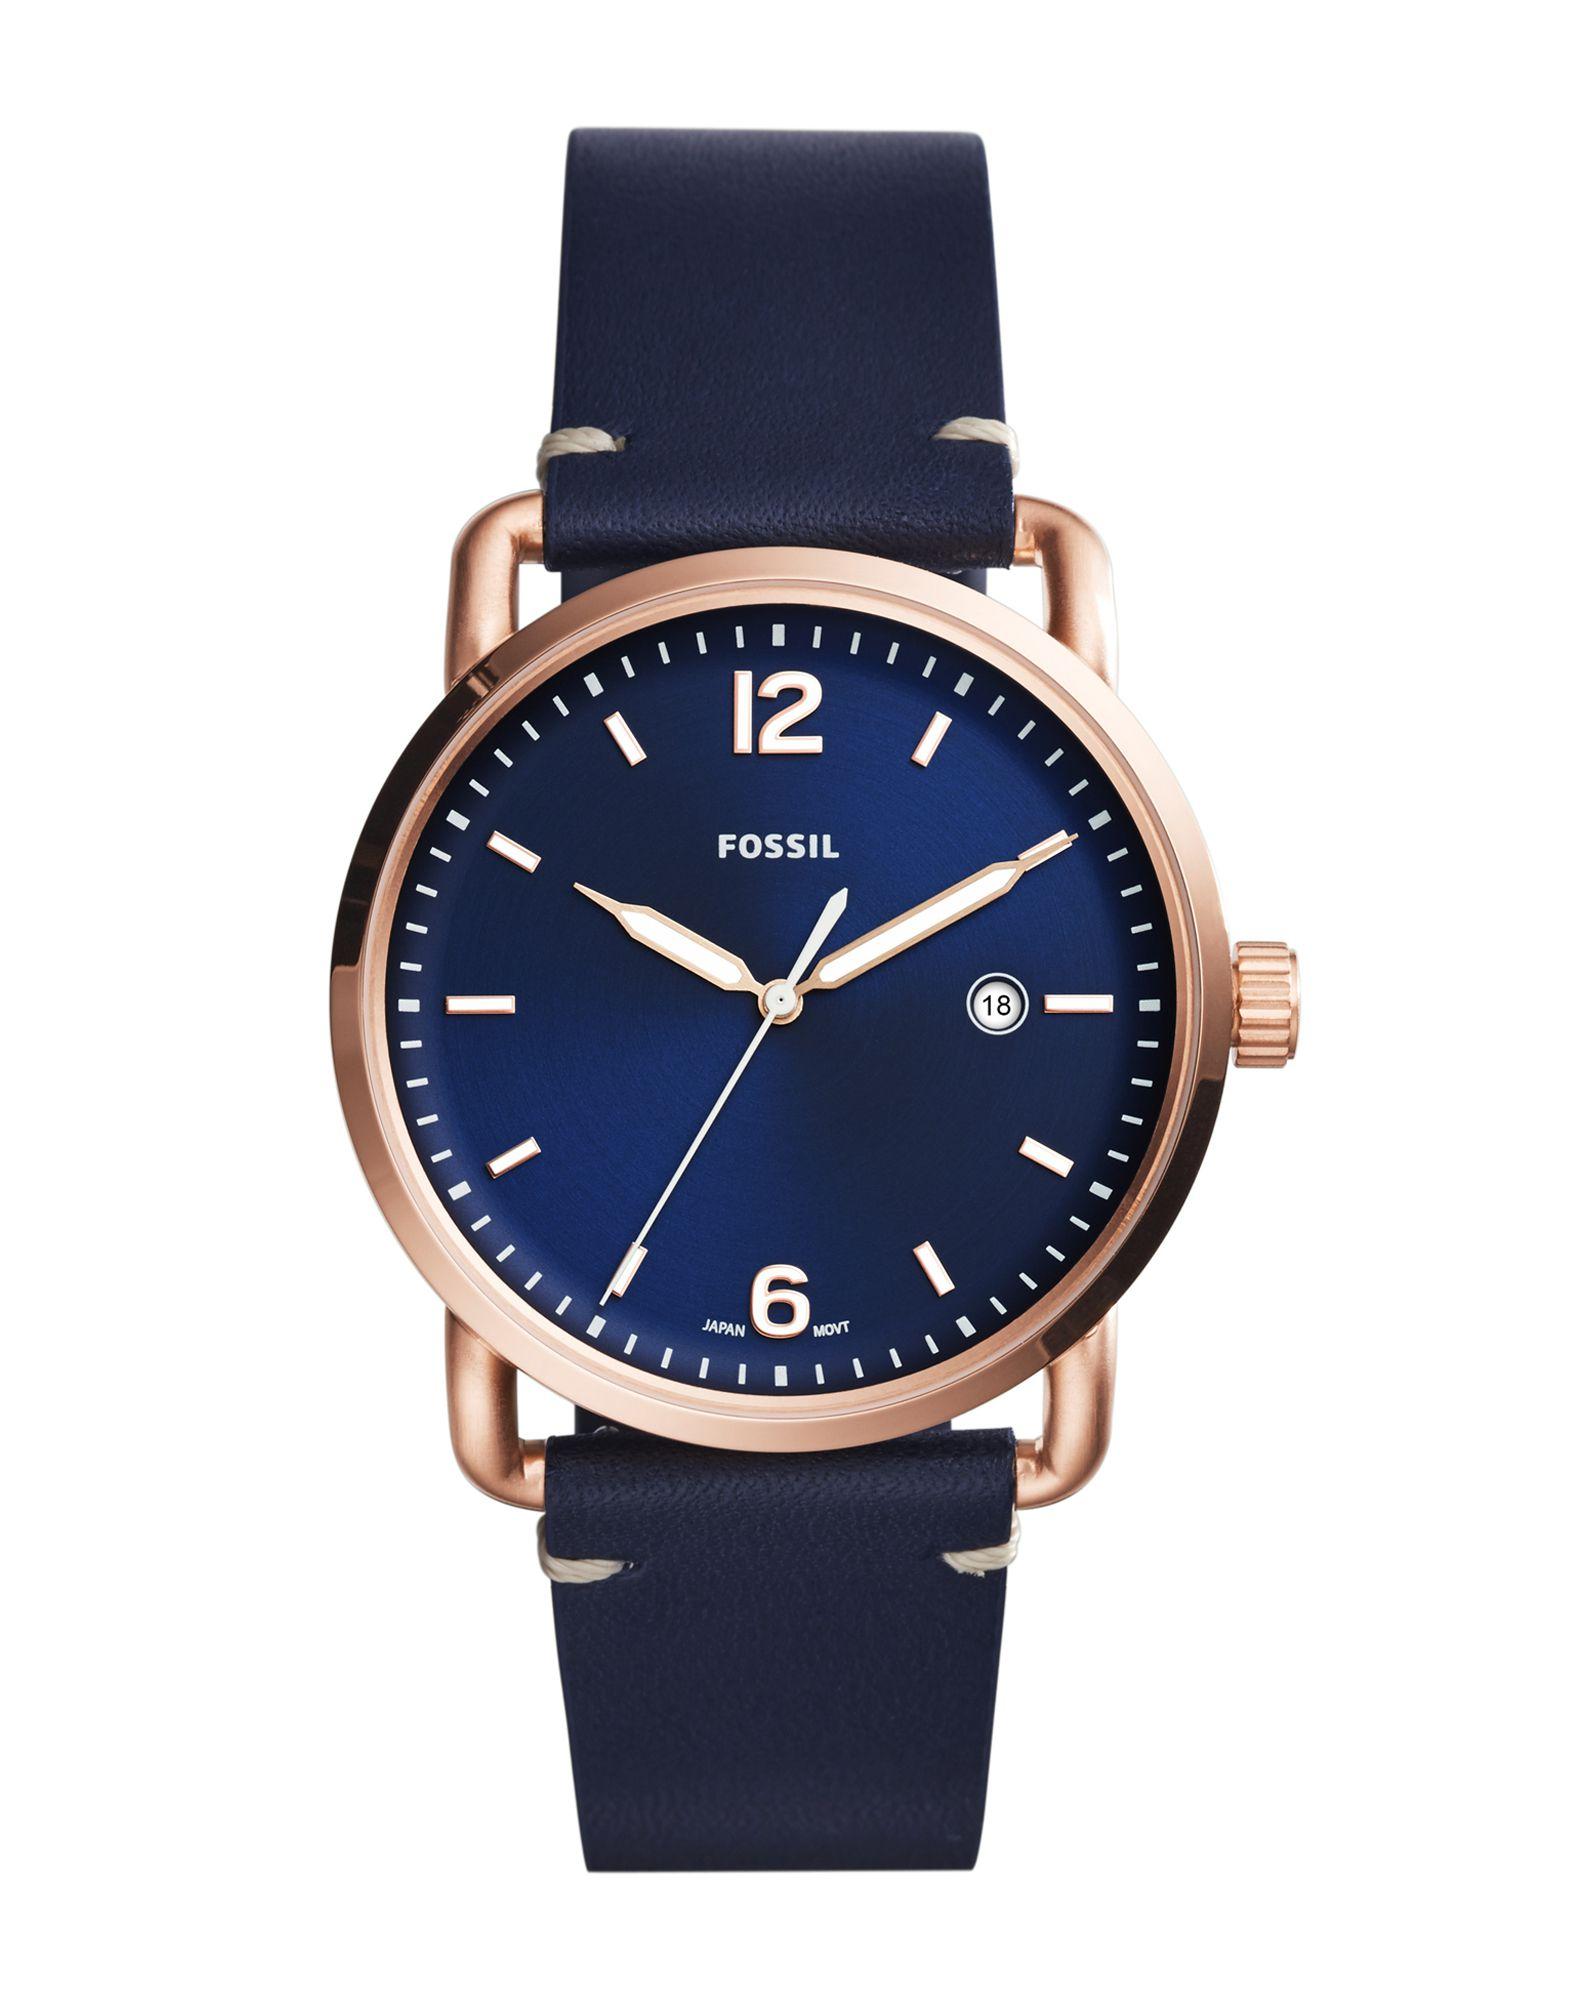 FOSSIL Наручные часы часы relogio feminino мужчины ложная крокодил кожа blu ray часынаручные часы